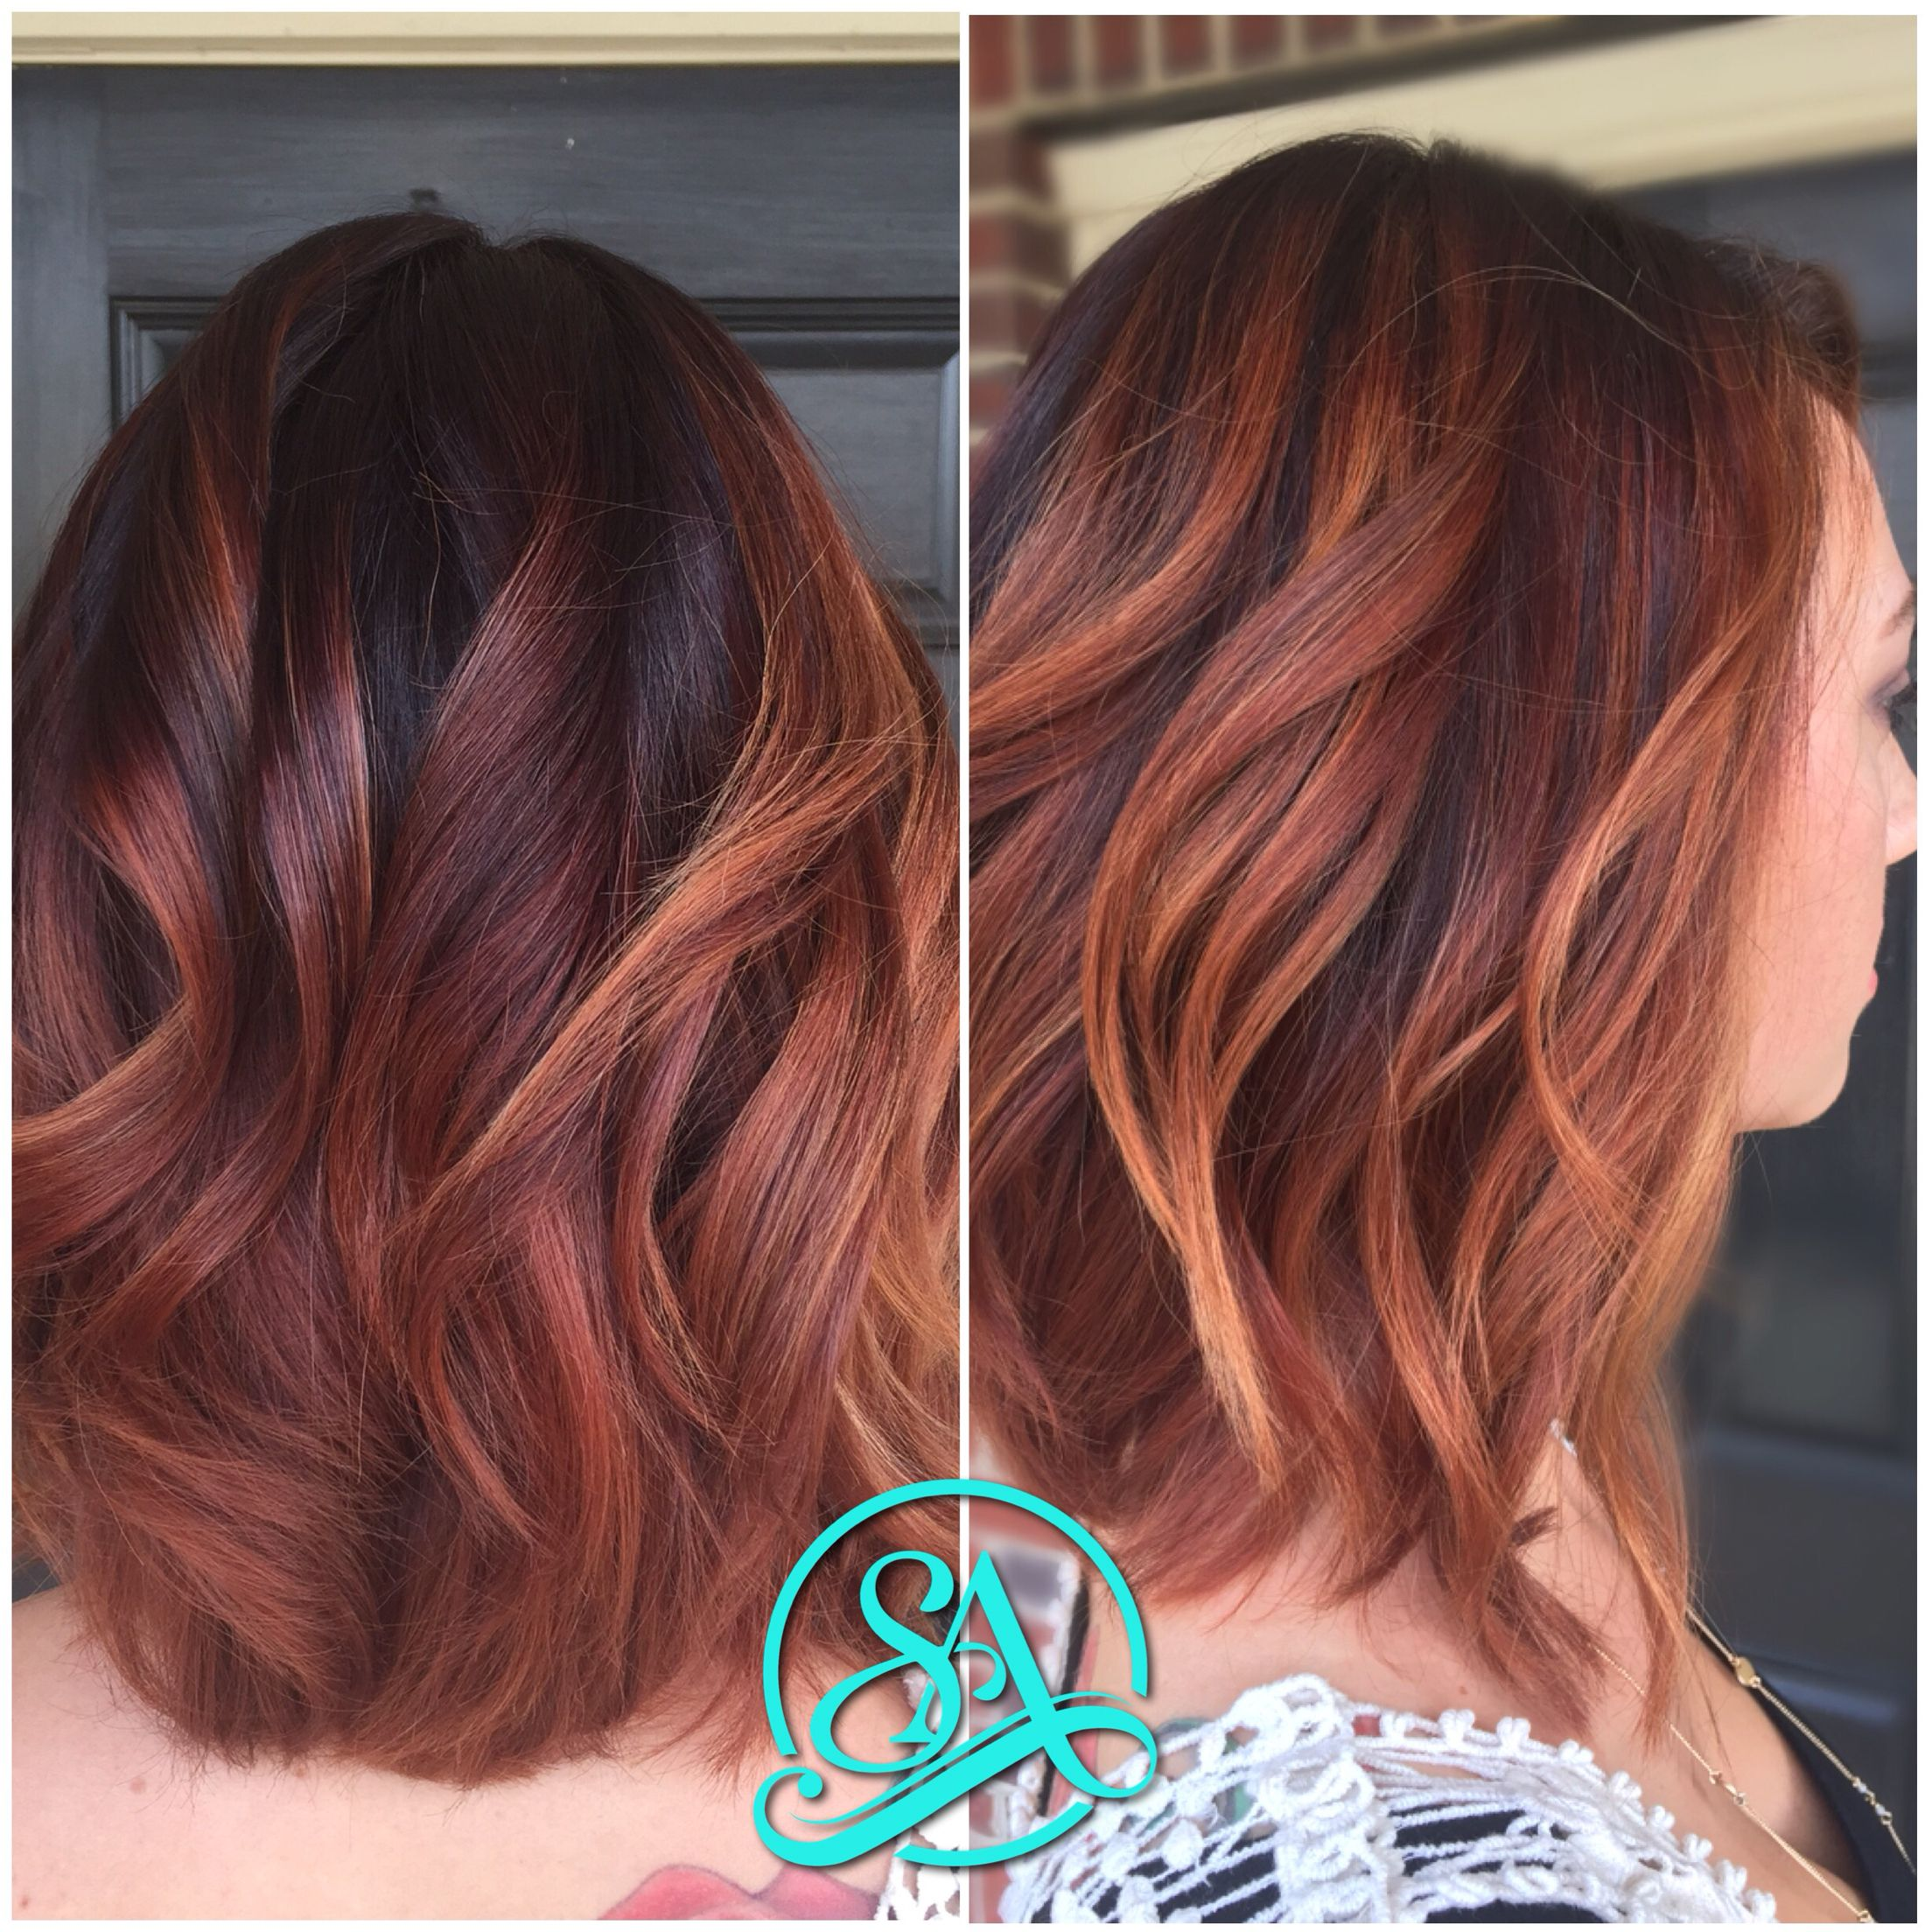 Blush Ginger Balayage Short hair balayage on dark hair Copper